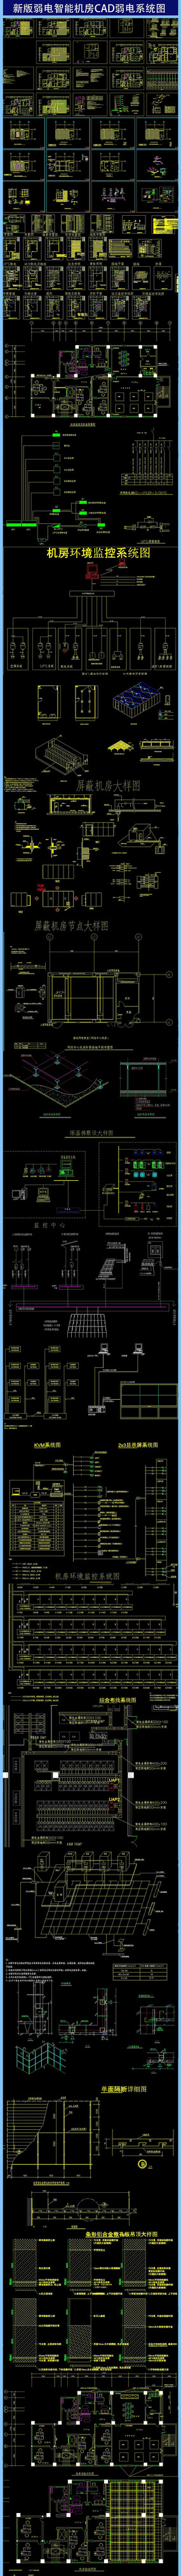 新版弱电智能机房CAD系统图